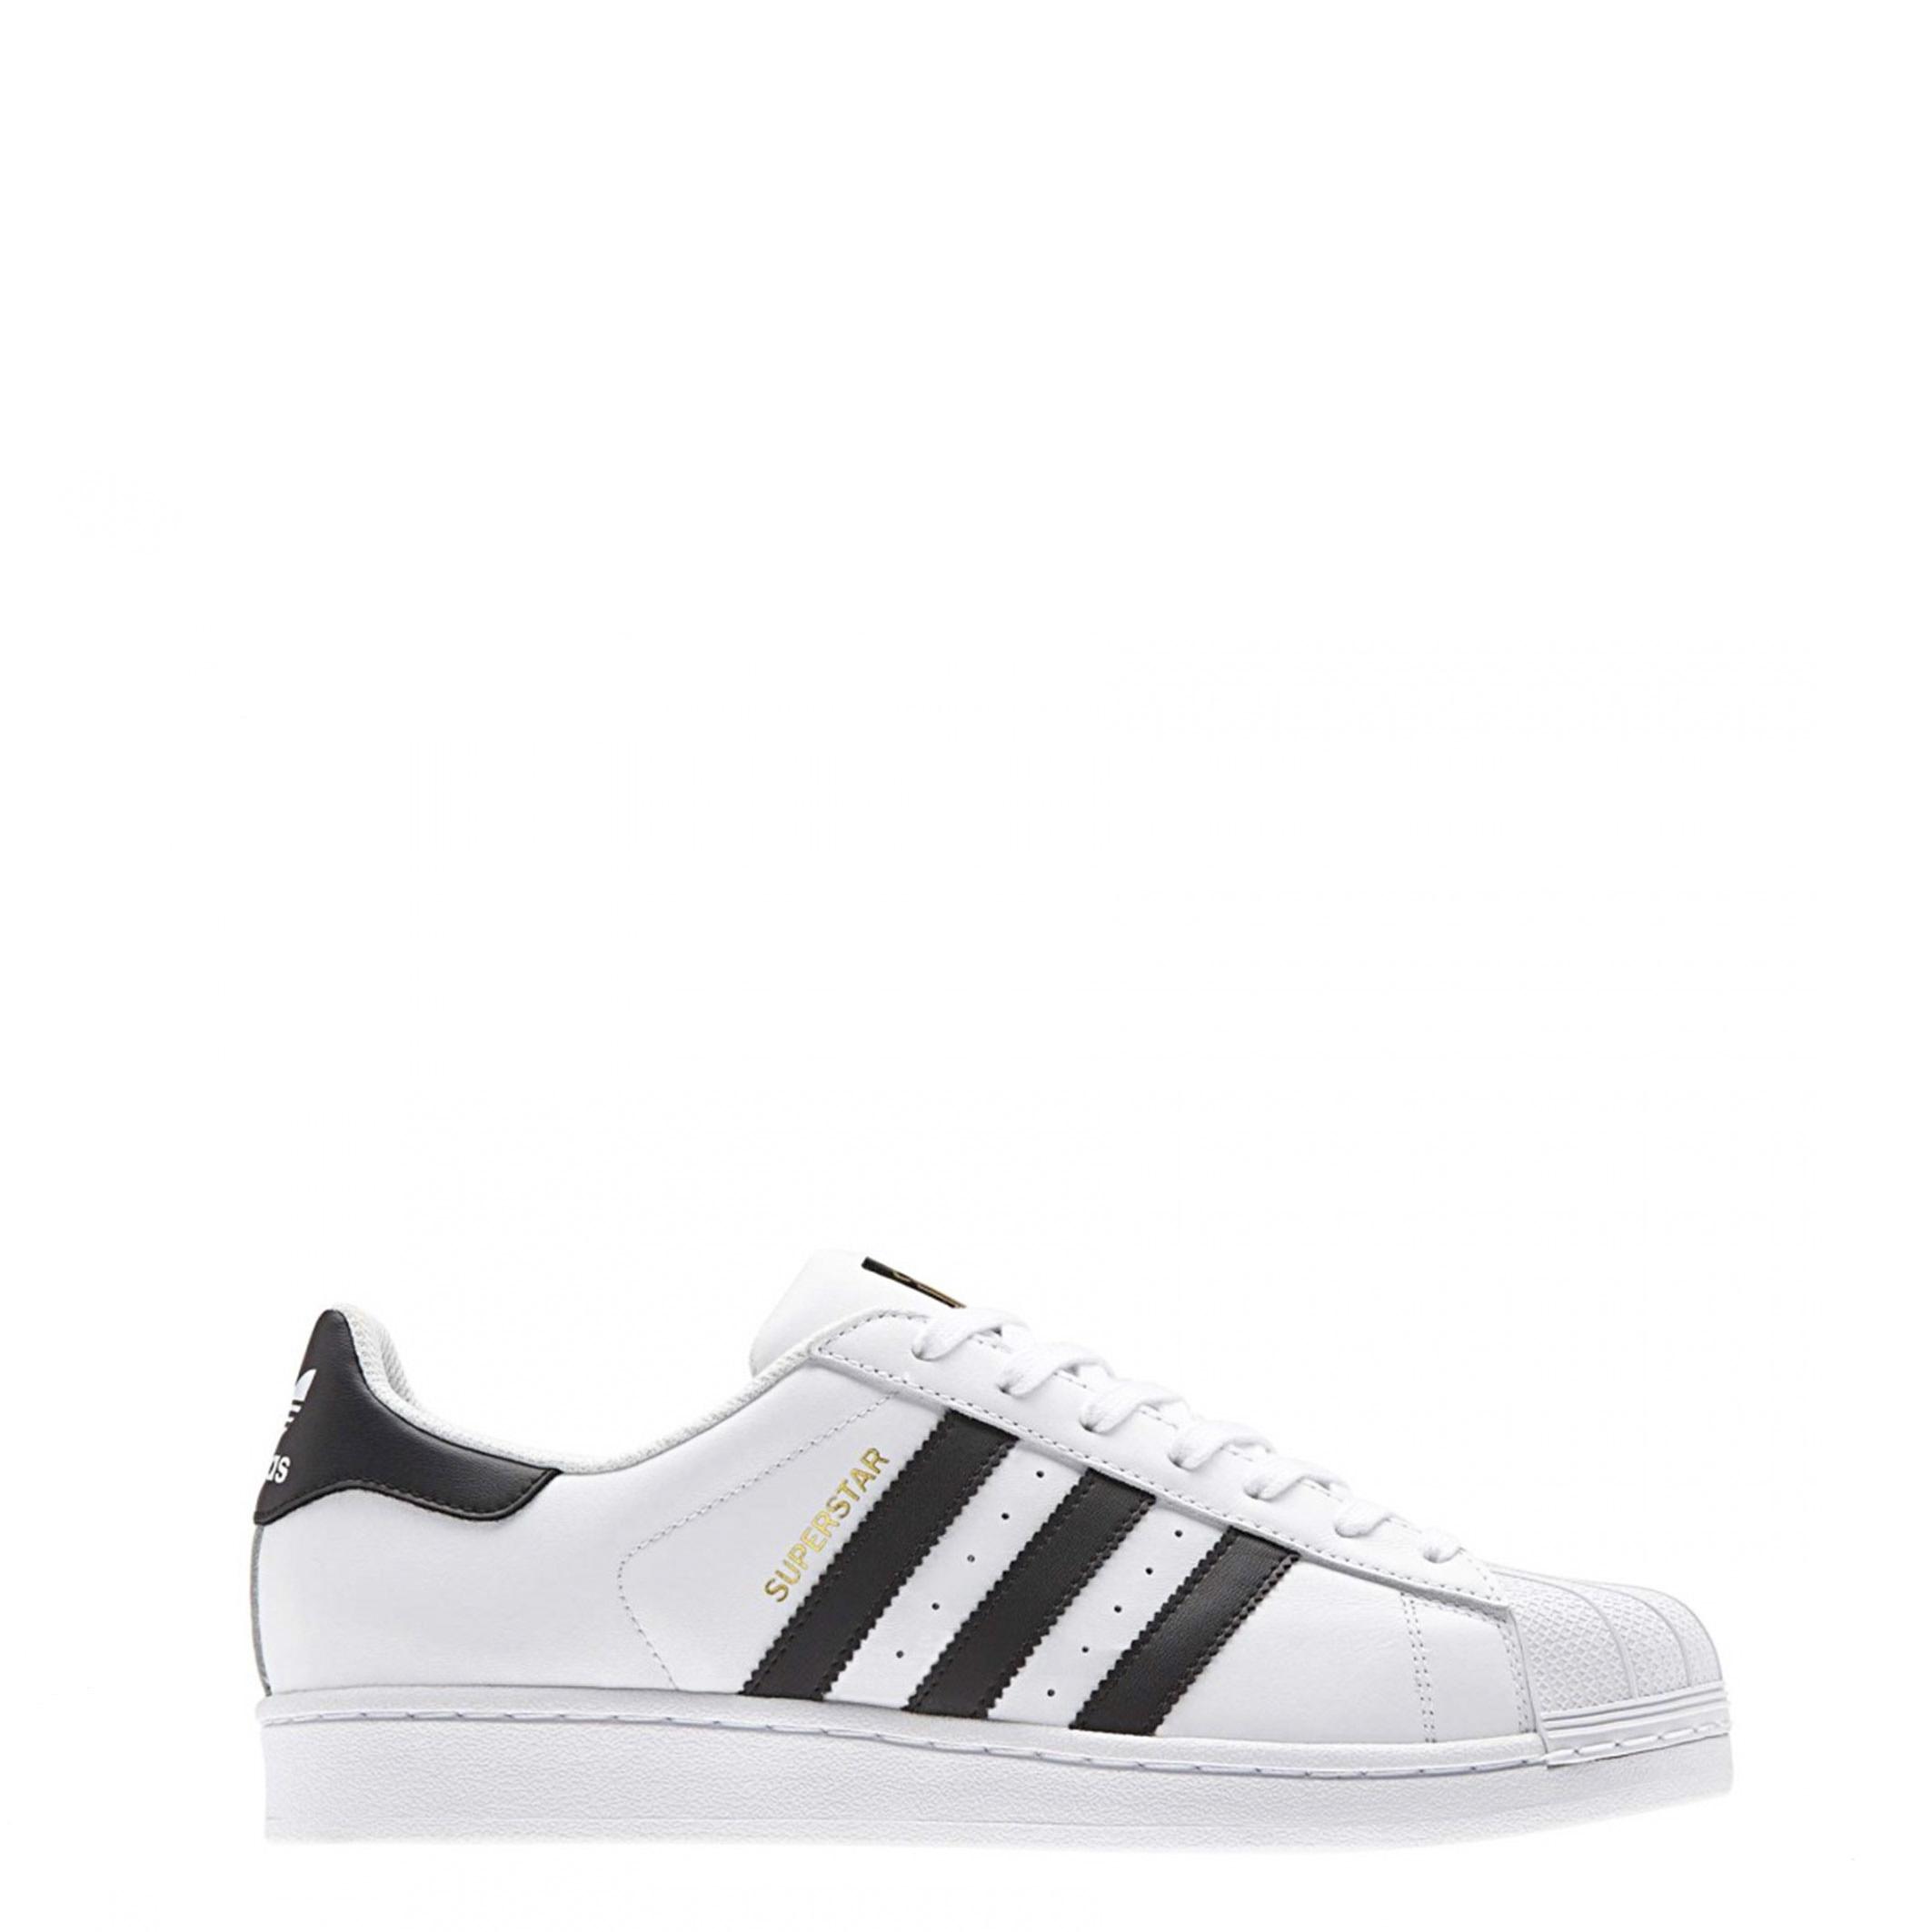 Baskets / Sport  Adidas C77124_Superstar white